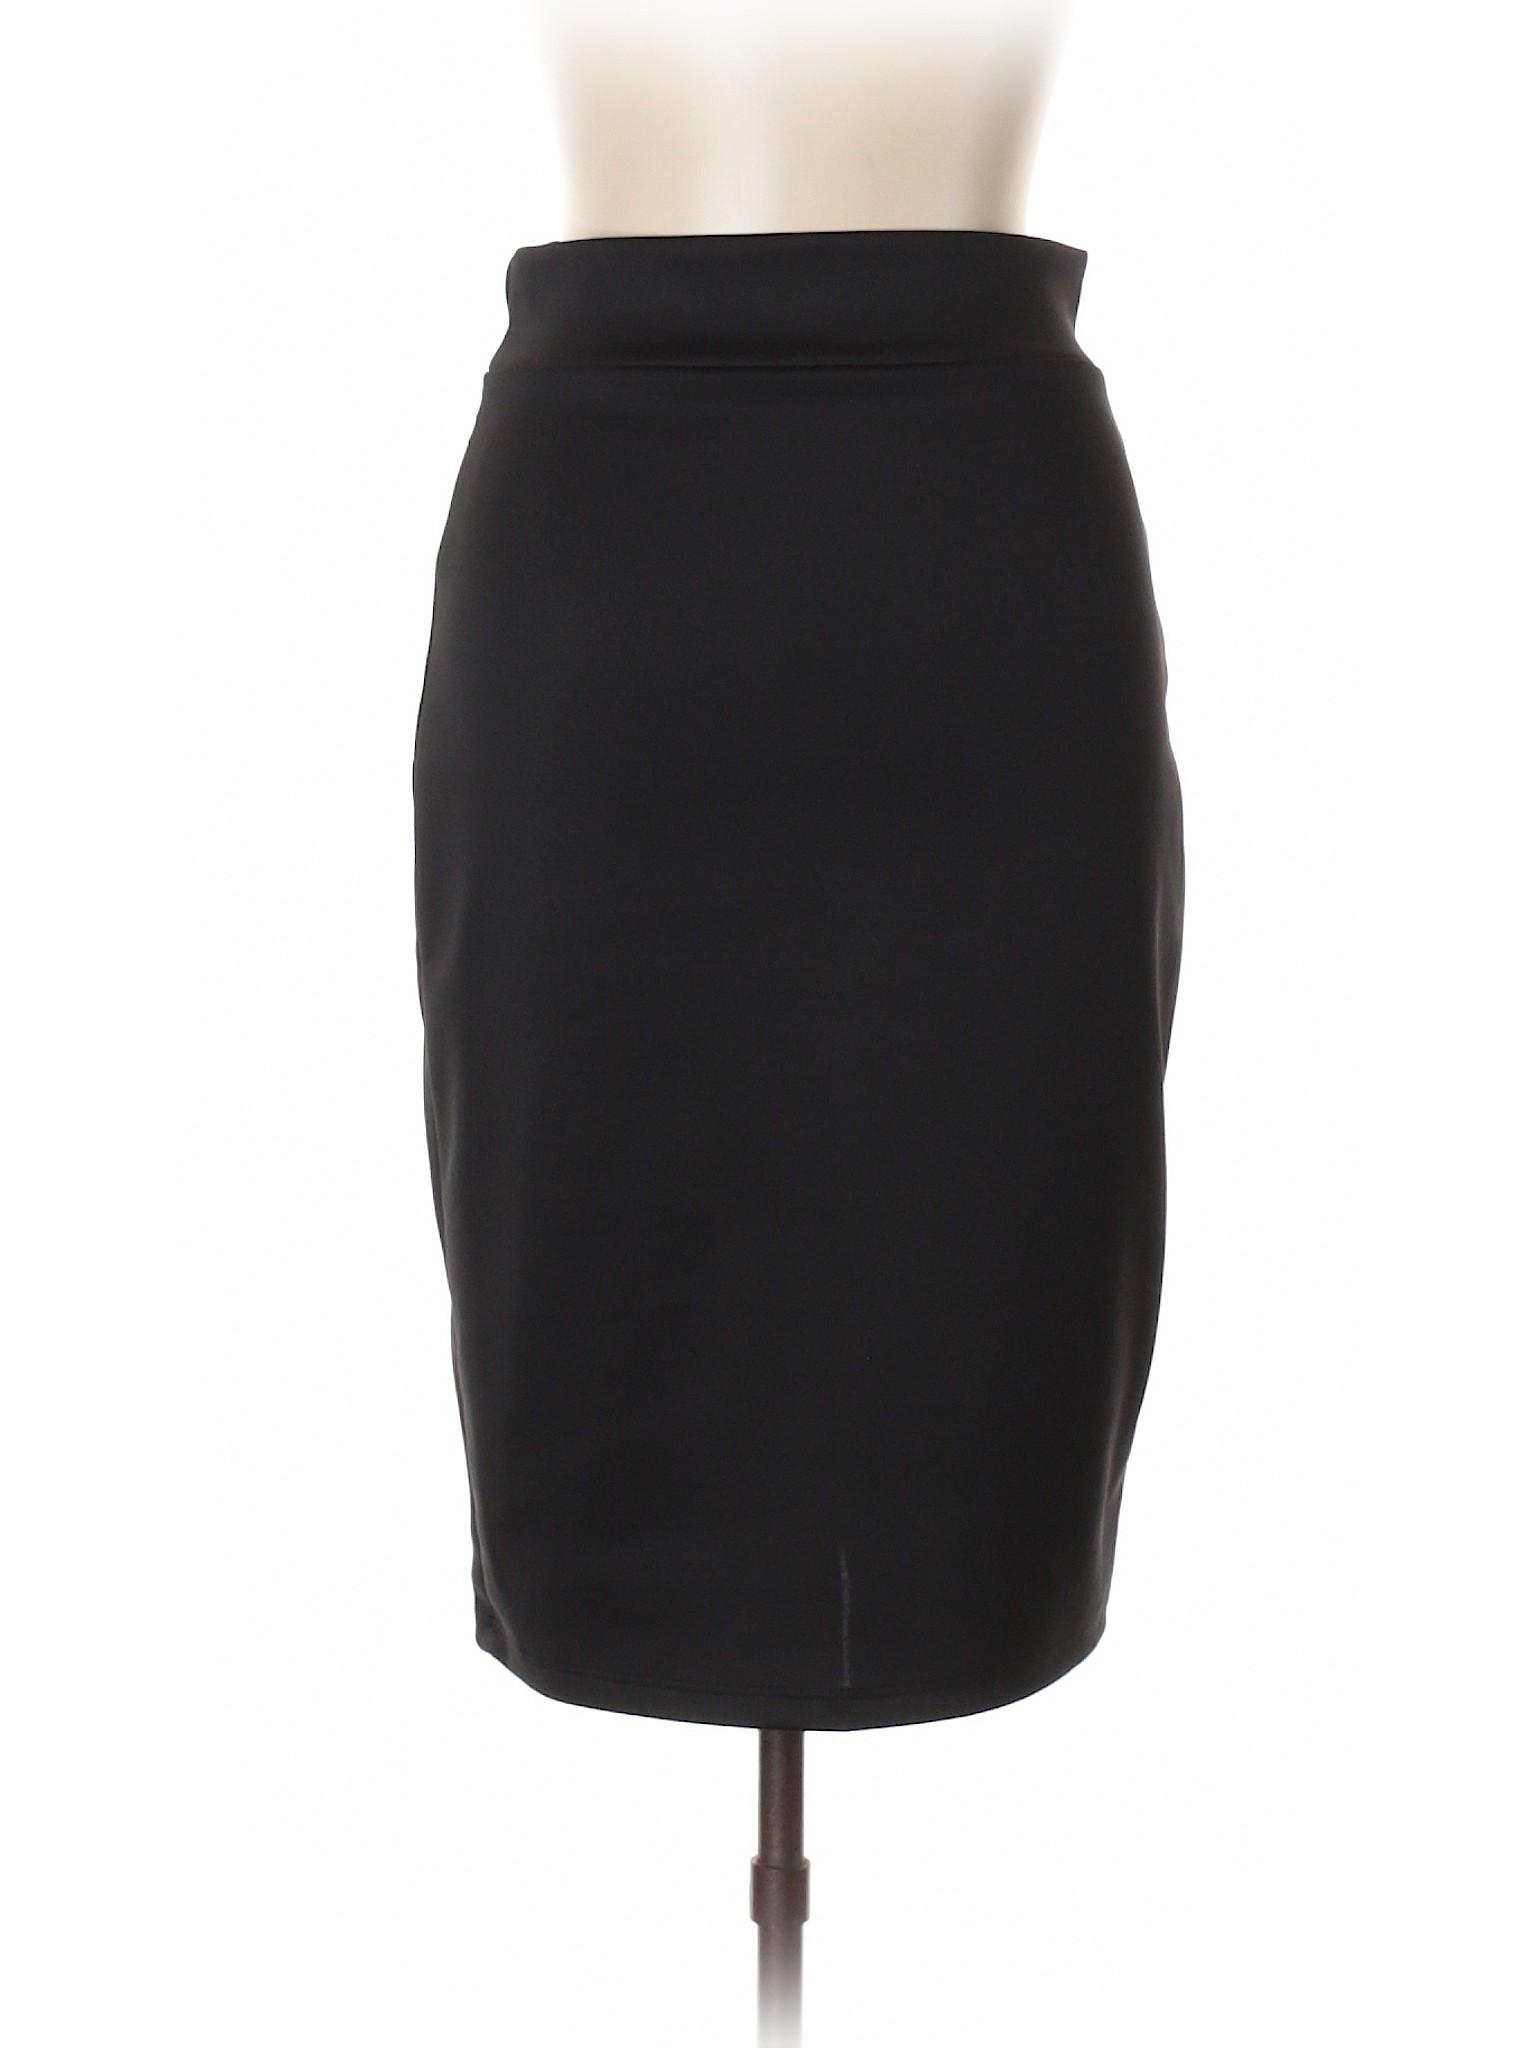 Casual Casual Popana Boutique Skirt Popana Boutique Casual Skirt Popana Casual Boutique Skirt Skirt Boutique Popana Boutique xAwwv6qBT